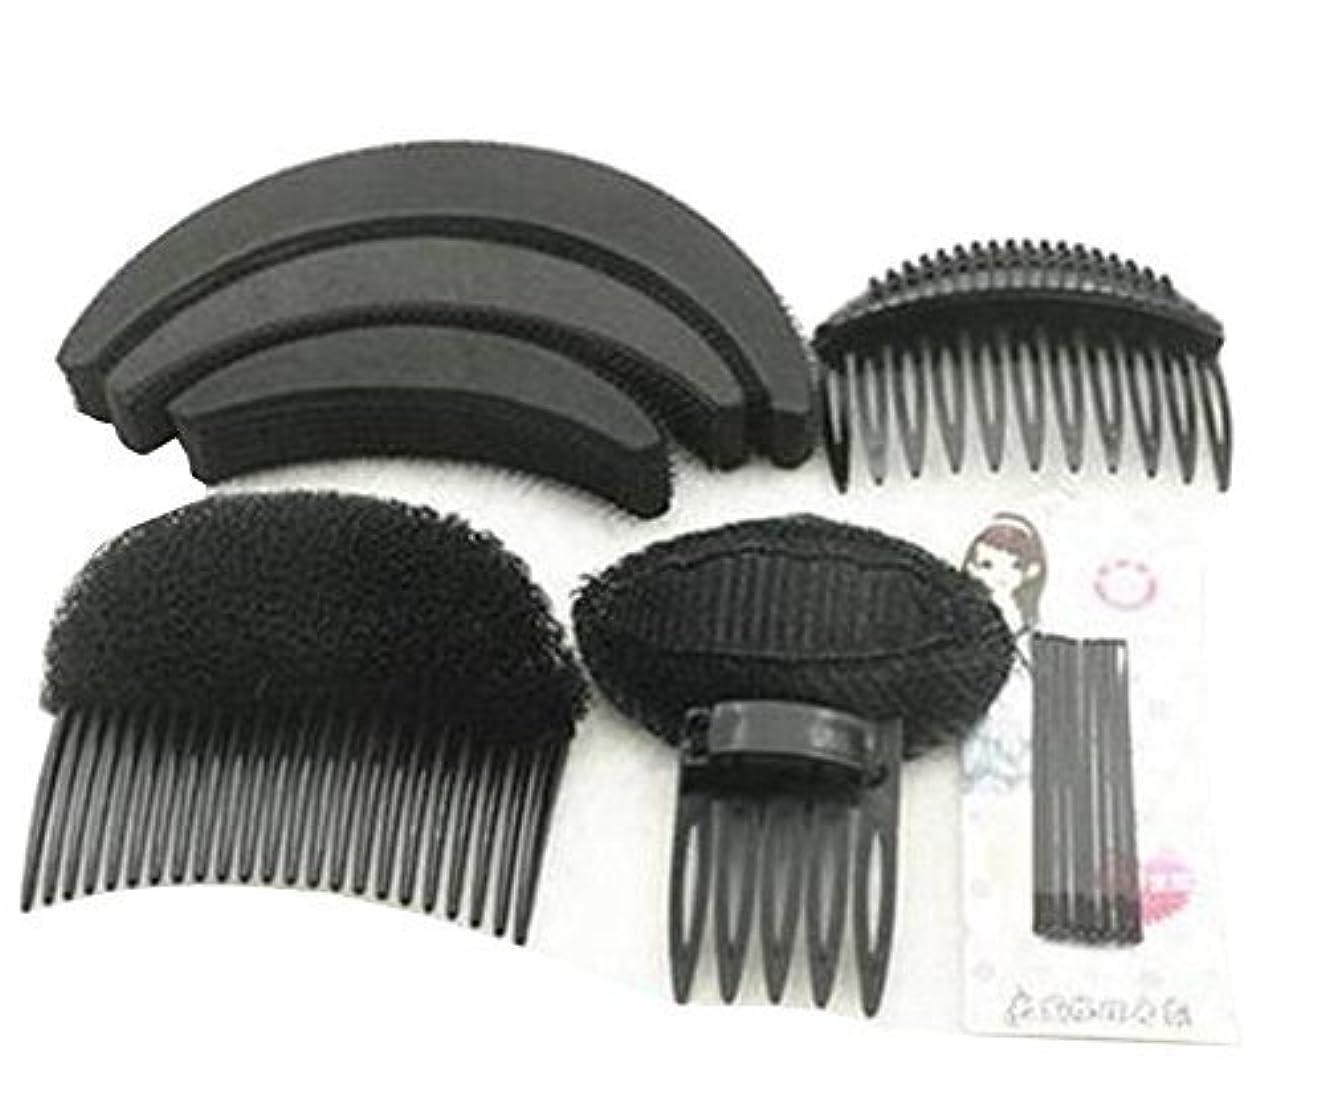 空気置くためにパック炎上1 Set As picture Shown Hair Styler Styling Tool DIY Hairpin Bump Up Inserts Base Comb Bumpits Bump Foam Pads Braiding...